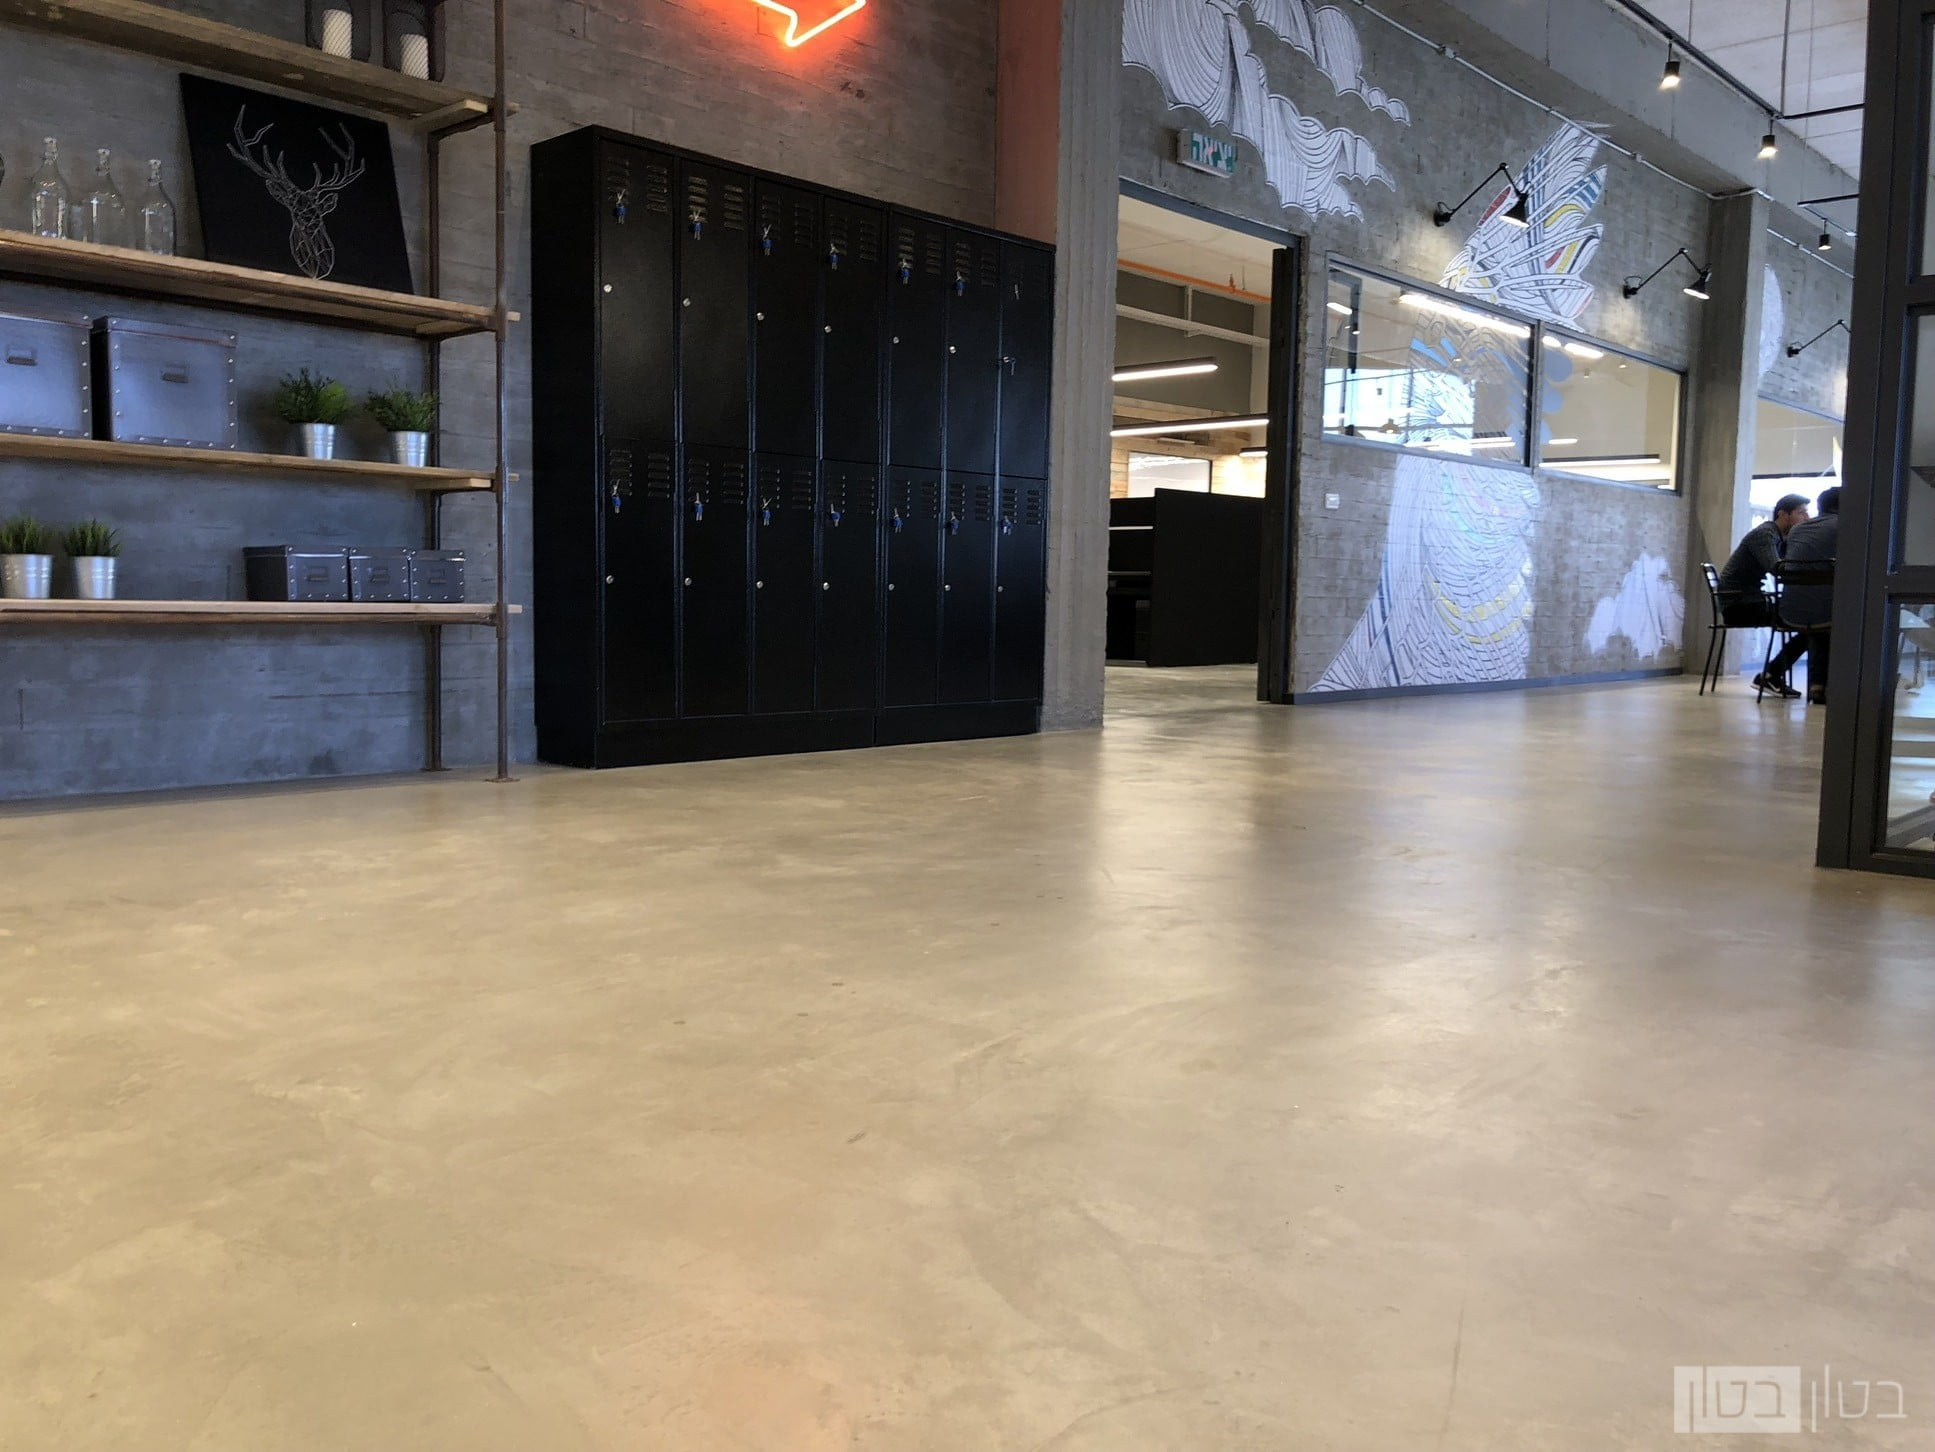 מיקרוטופינג למשרדים רצפה וקיר